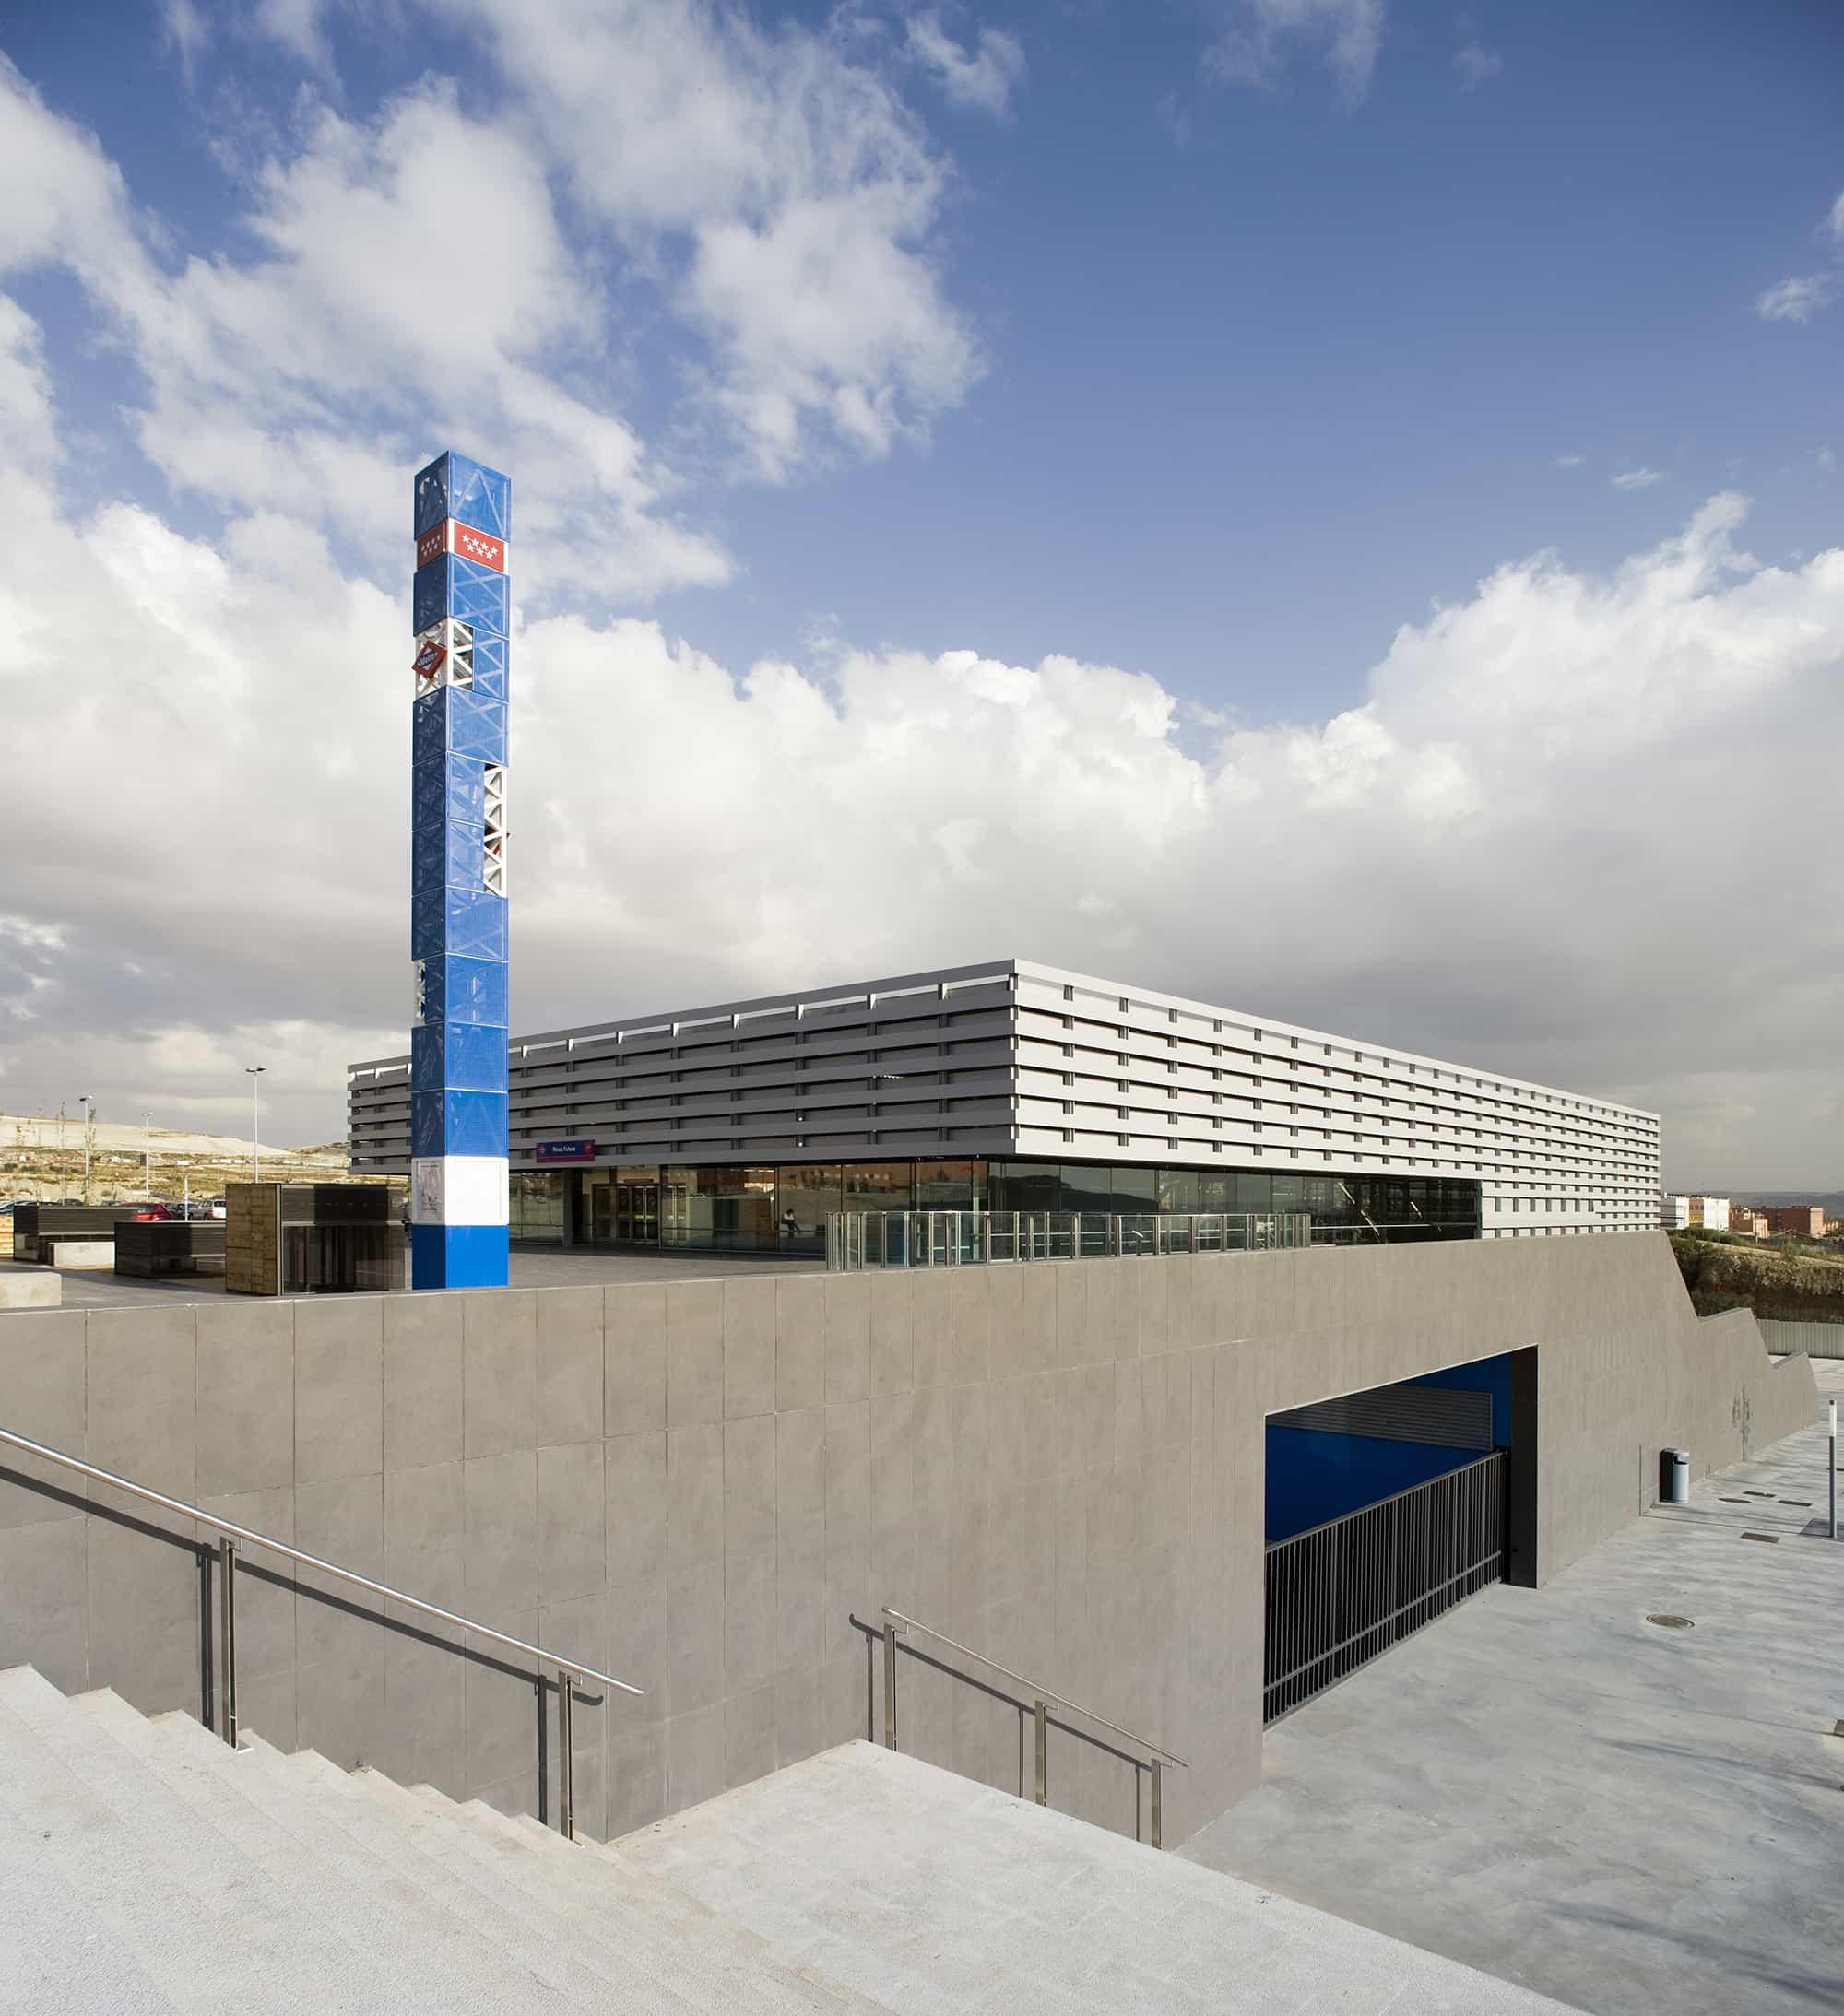 Estación METRO de Madrid - podium - arquitectura transporte - Estación METRO de MADRID_LGV+LANDINEZ+REY | equipo L2G arquitectos, slp [ eL2Gaa ]